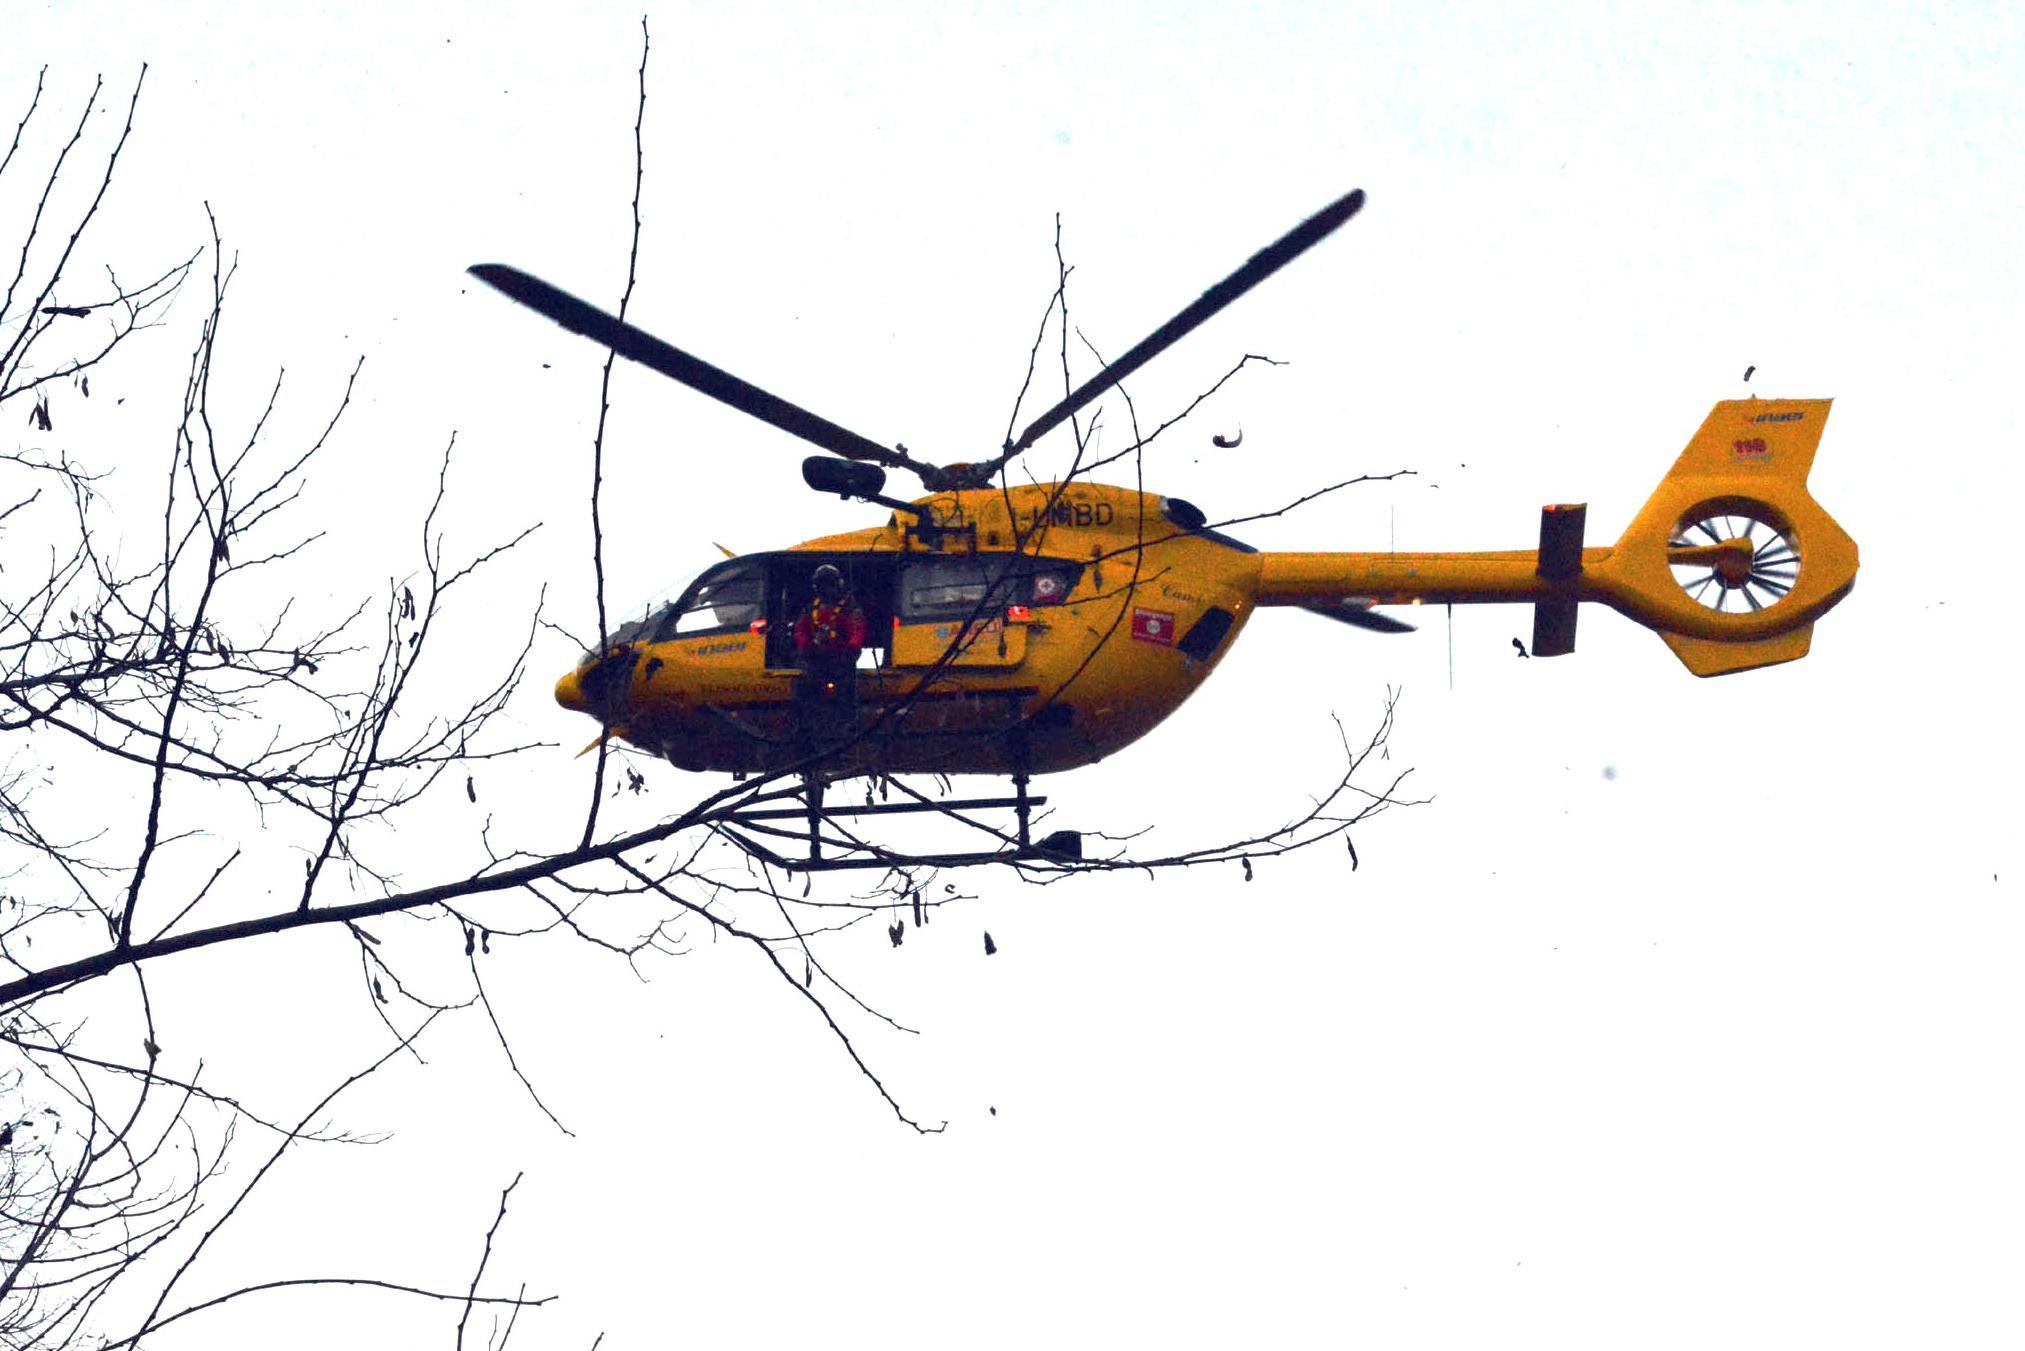 Precipita per 80 metri nel bellunese: morto escursionista 22enne